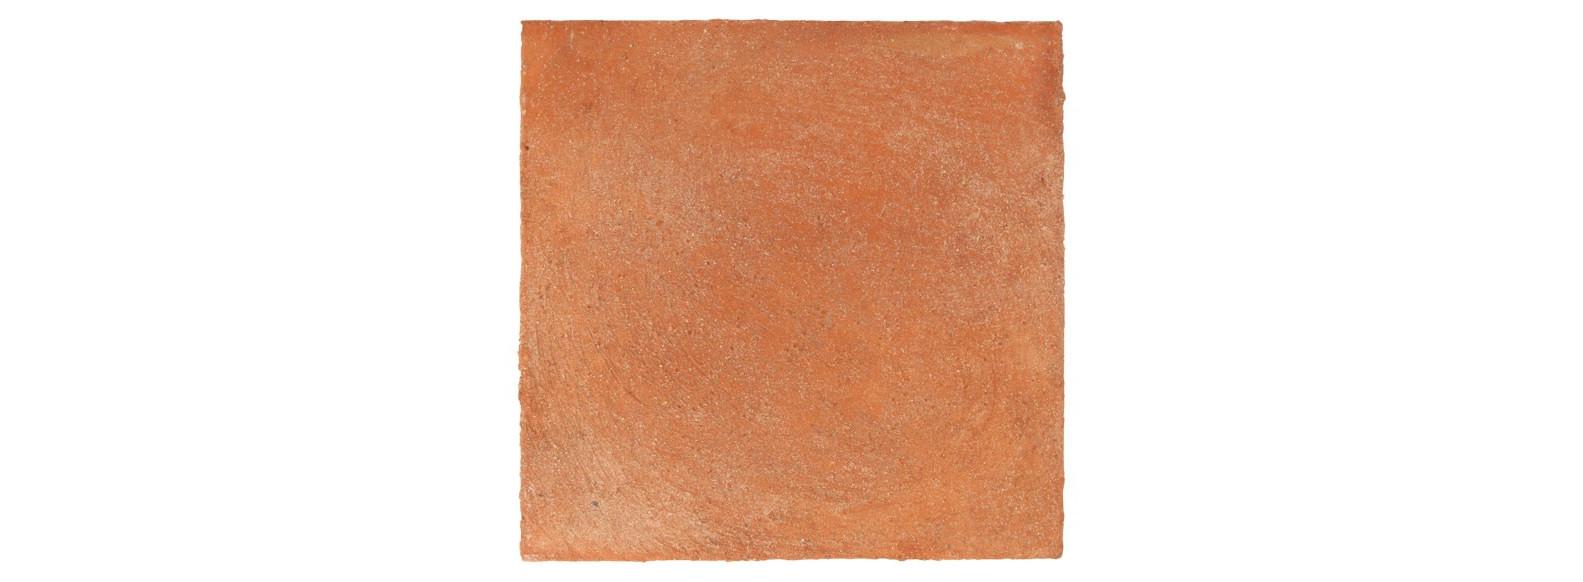 échantillon de terre cuite patinée main - rouge rosé foncé